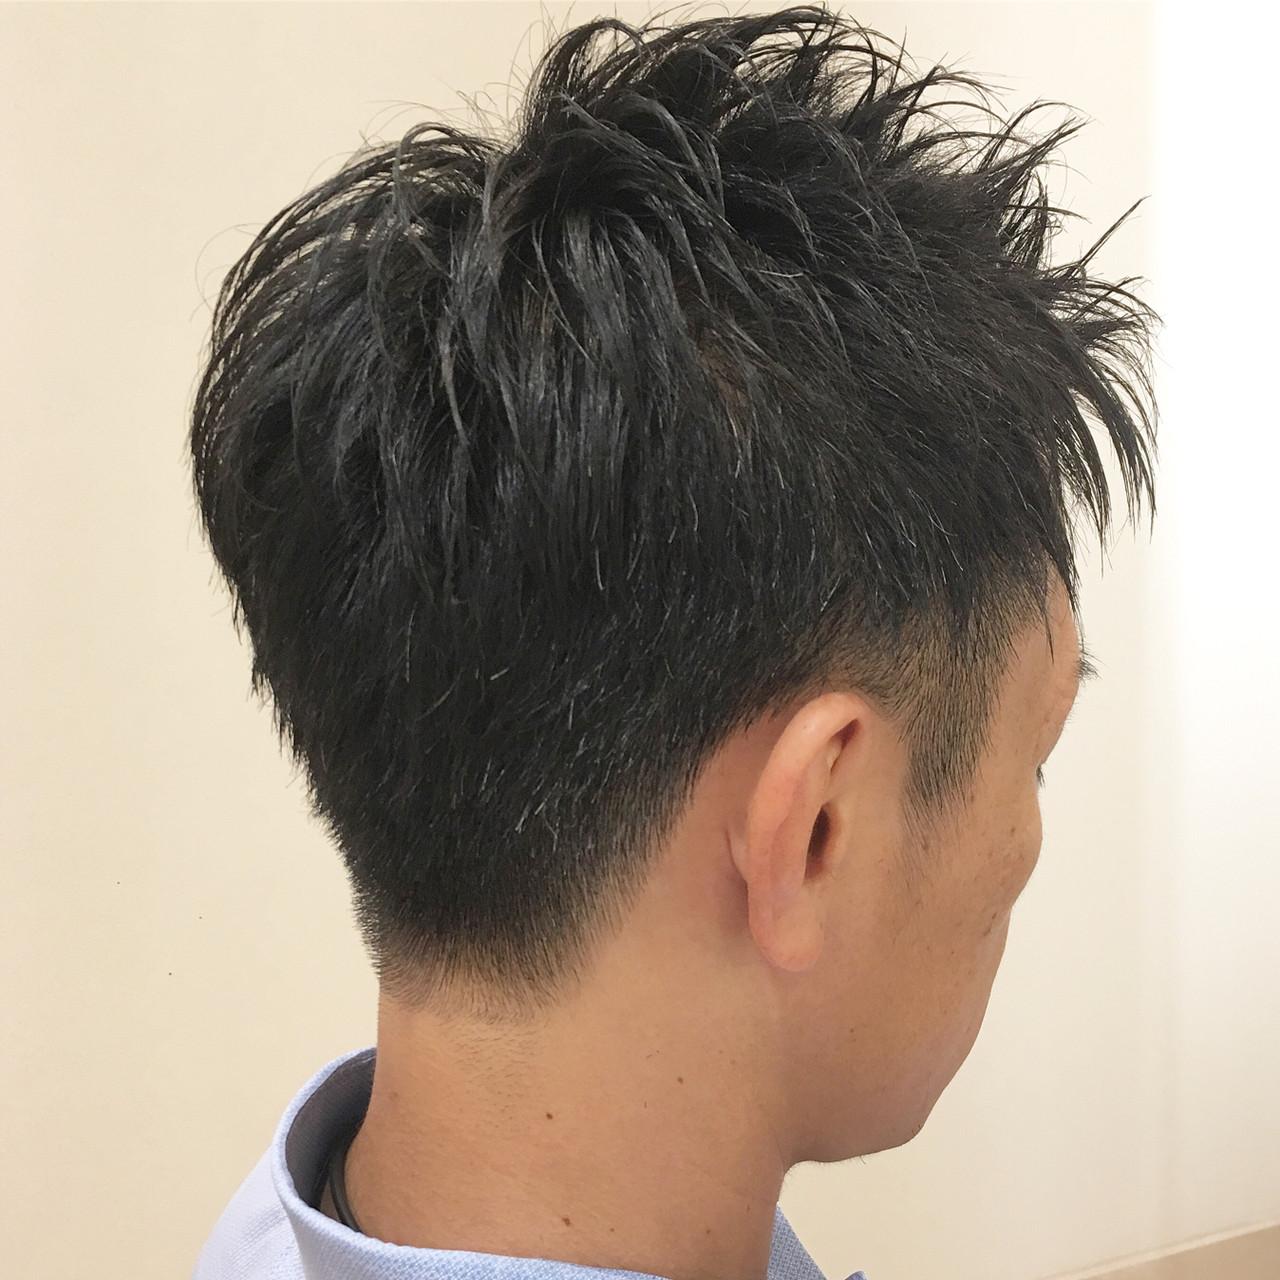 メンズ ショート メンズカット コンサバ ヘアスタイルや髪型の写真・画像 | 平本 詠一 / fabris